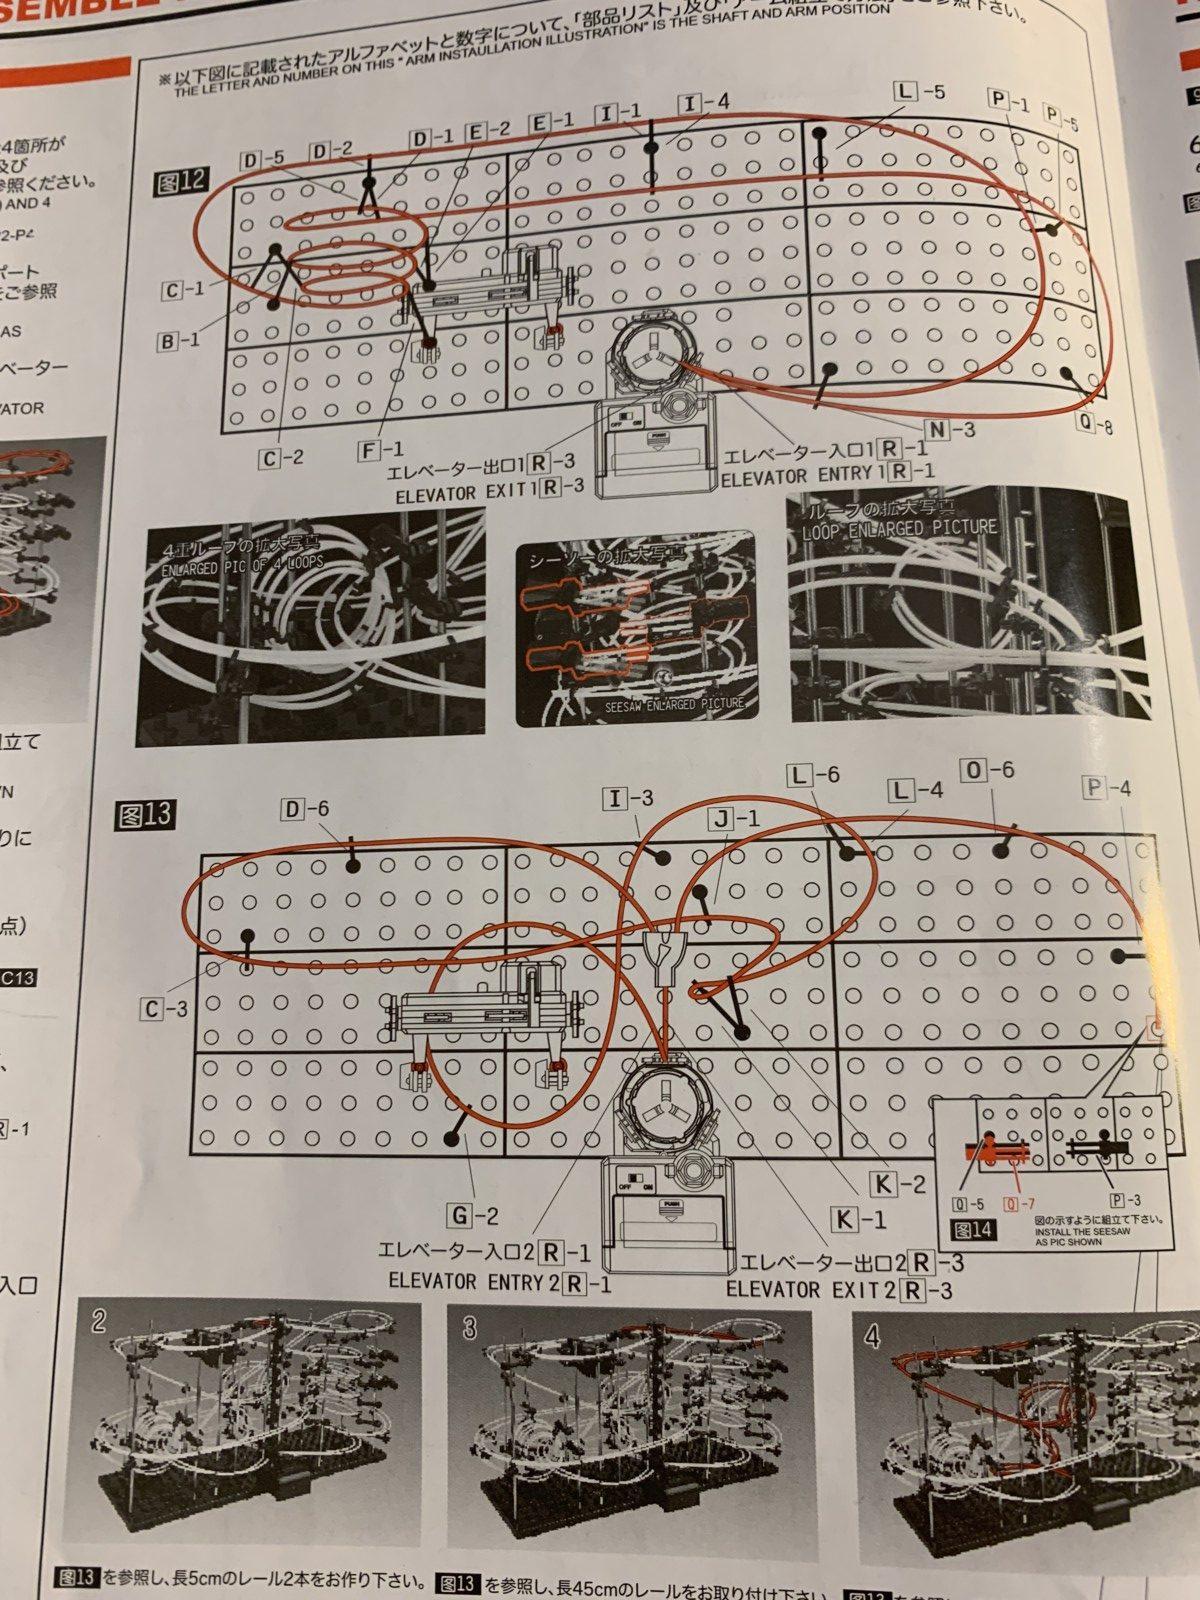 スペースレールレベル4の説明書